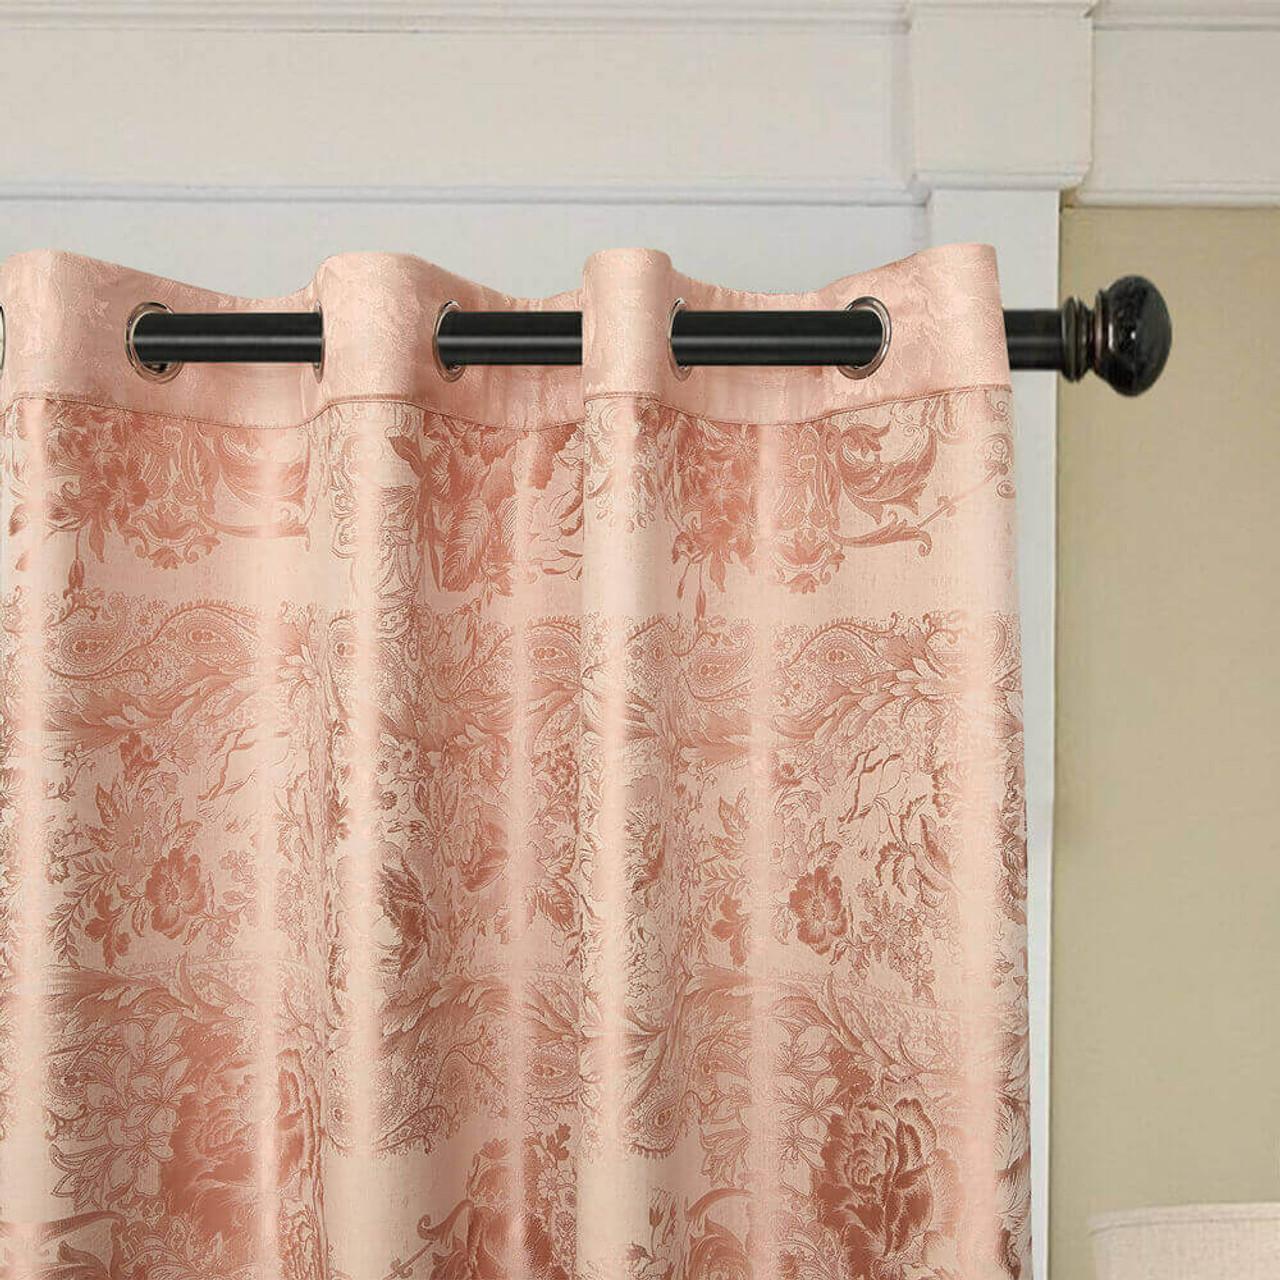 Jacquard Curtain Panel Semi-Blackout Drapes, DMC717 Dolce Mela 8171460150924